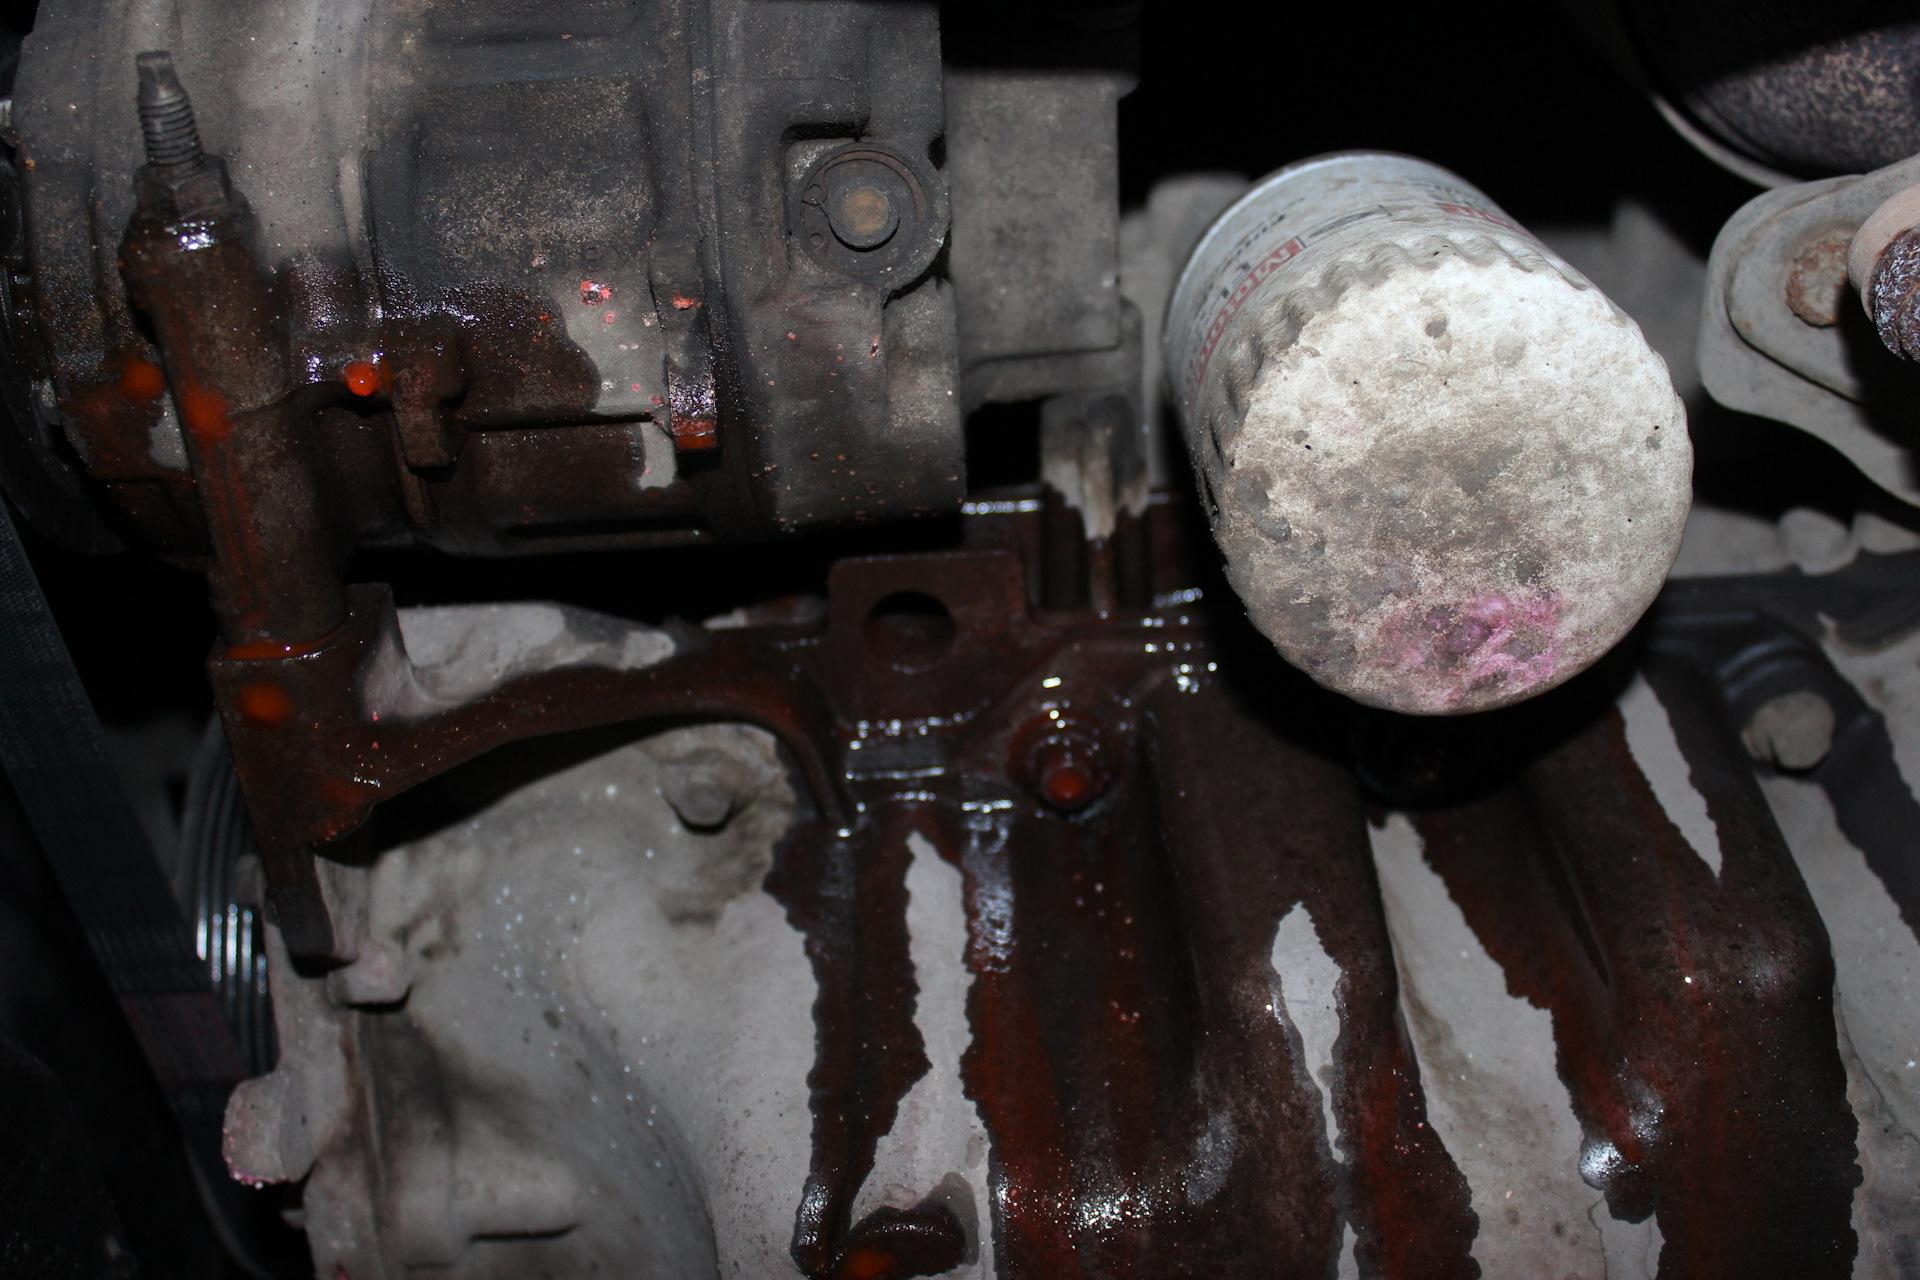 Для аккуратного снятия передней крышки нам потребуется снять трубку кондиционера, поэтому подключаем установку и откачиваем хладагент из системы кондиционирования